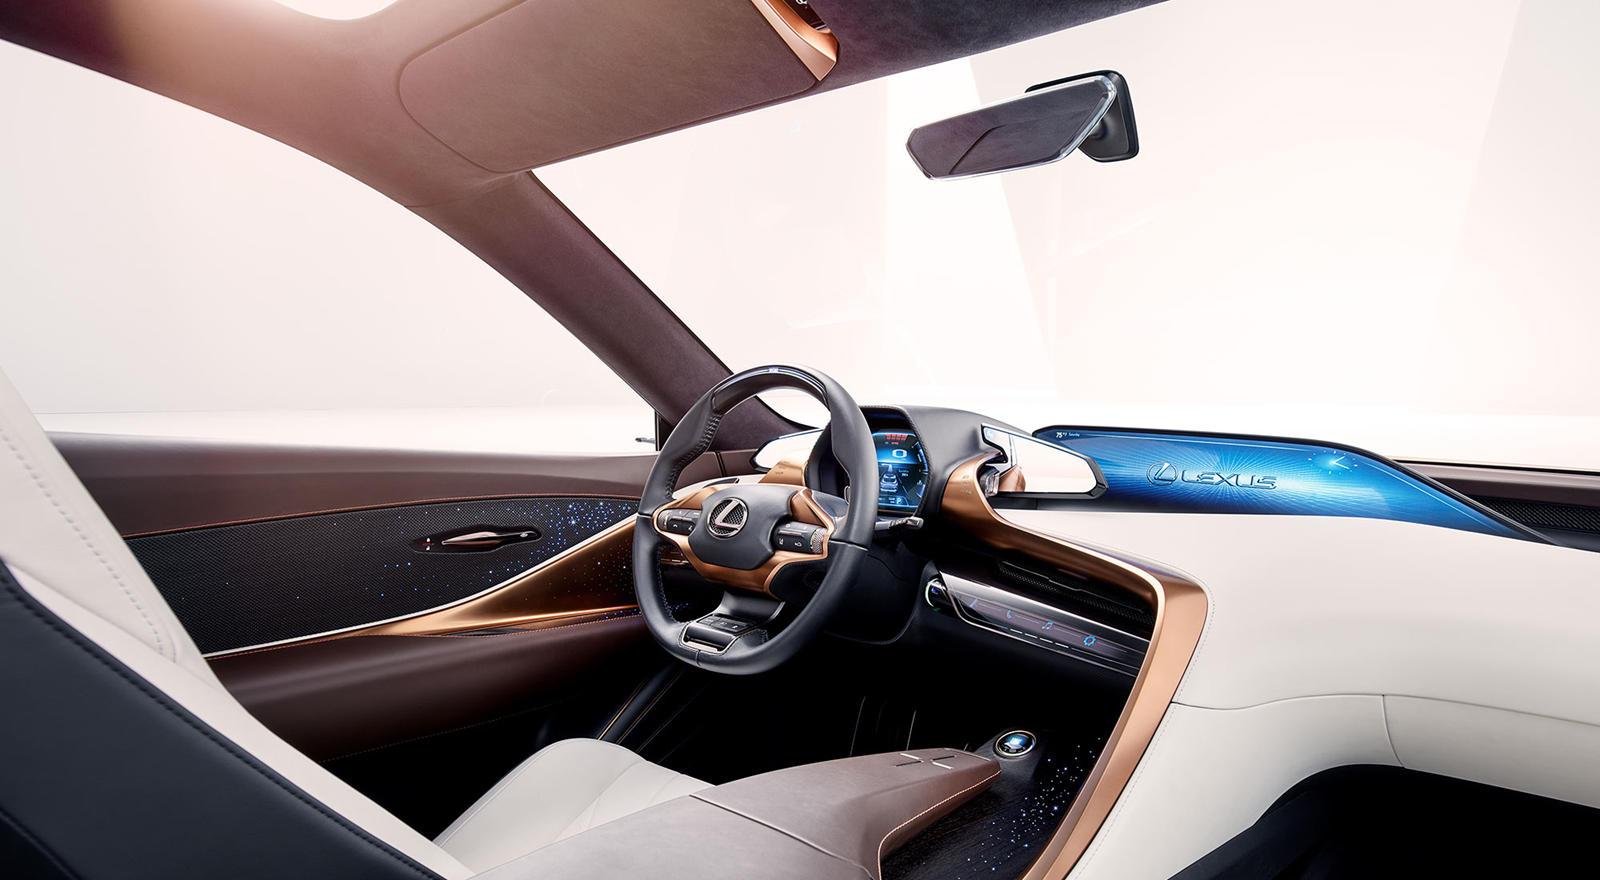 Дизайн Lexus LQ был анонсирован пару лет назад концепцией LF-1 Limitless, представленной на североамериканском международном автосалоне в Детройте в 2018 году. Ожидается, что ощность будет исходить от стандартного V6 с двойным турбонаддувом с 416 л.с